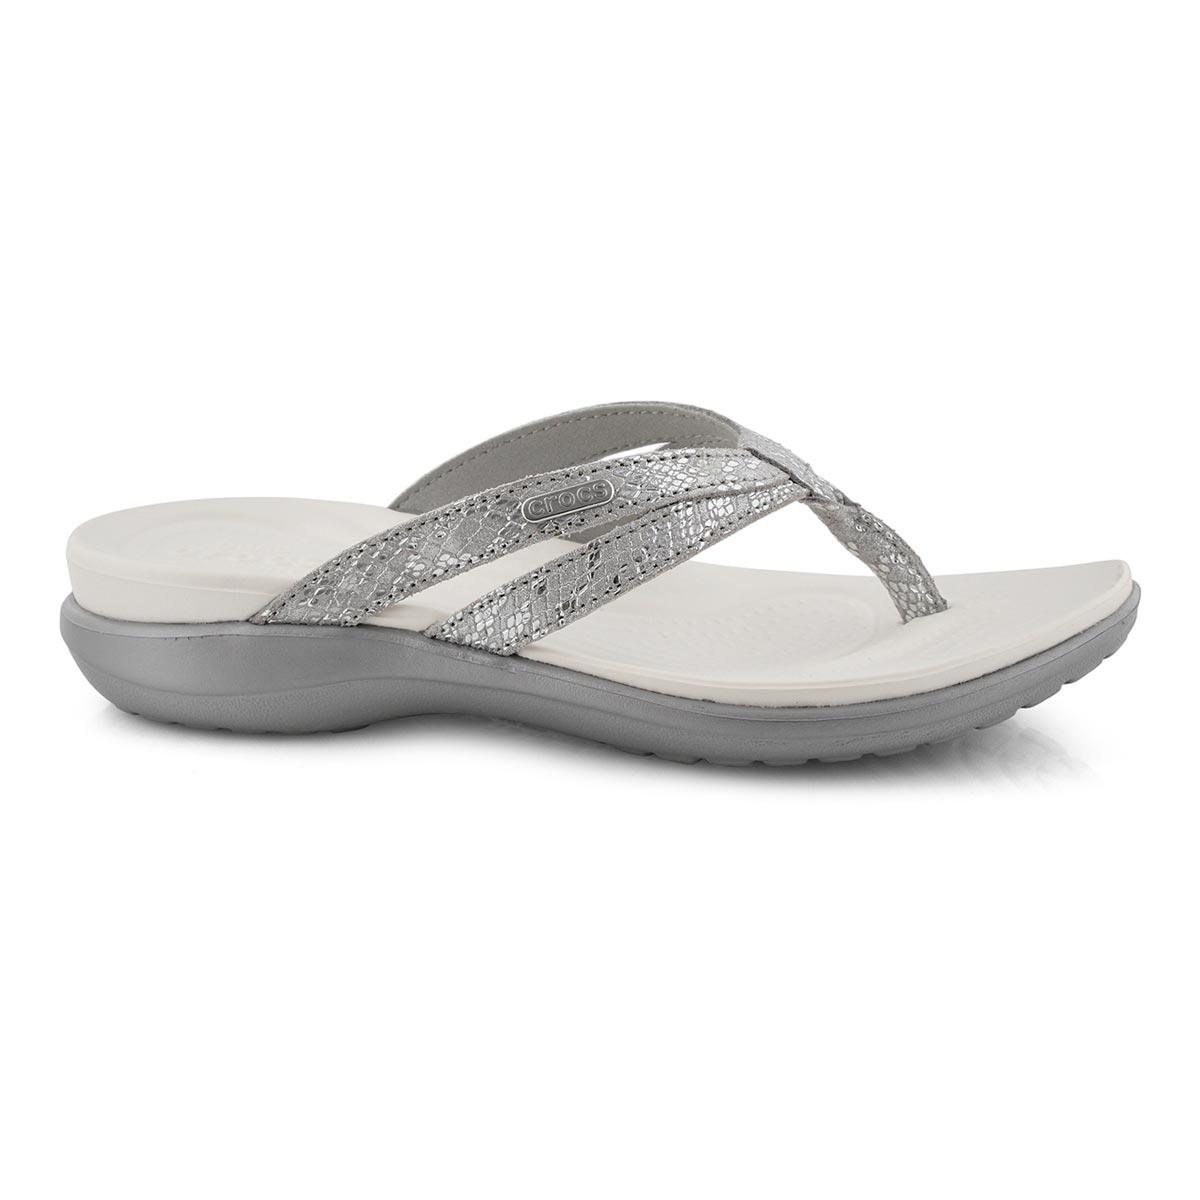 Women's Capri Strappy Thong Sandal - Silver